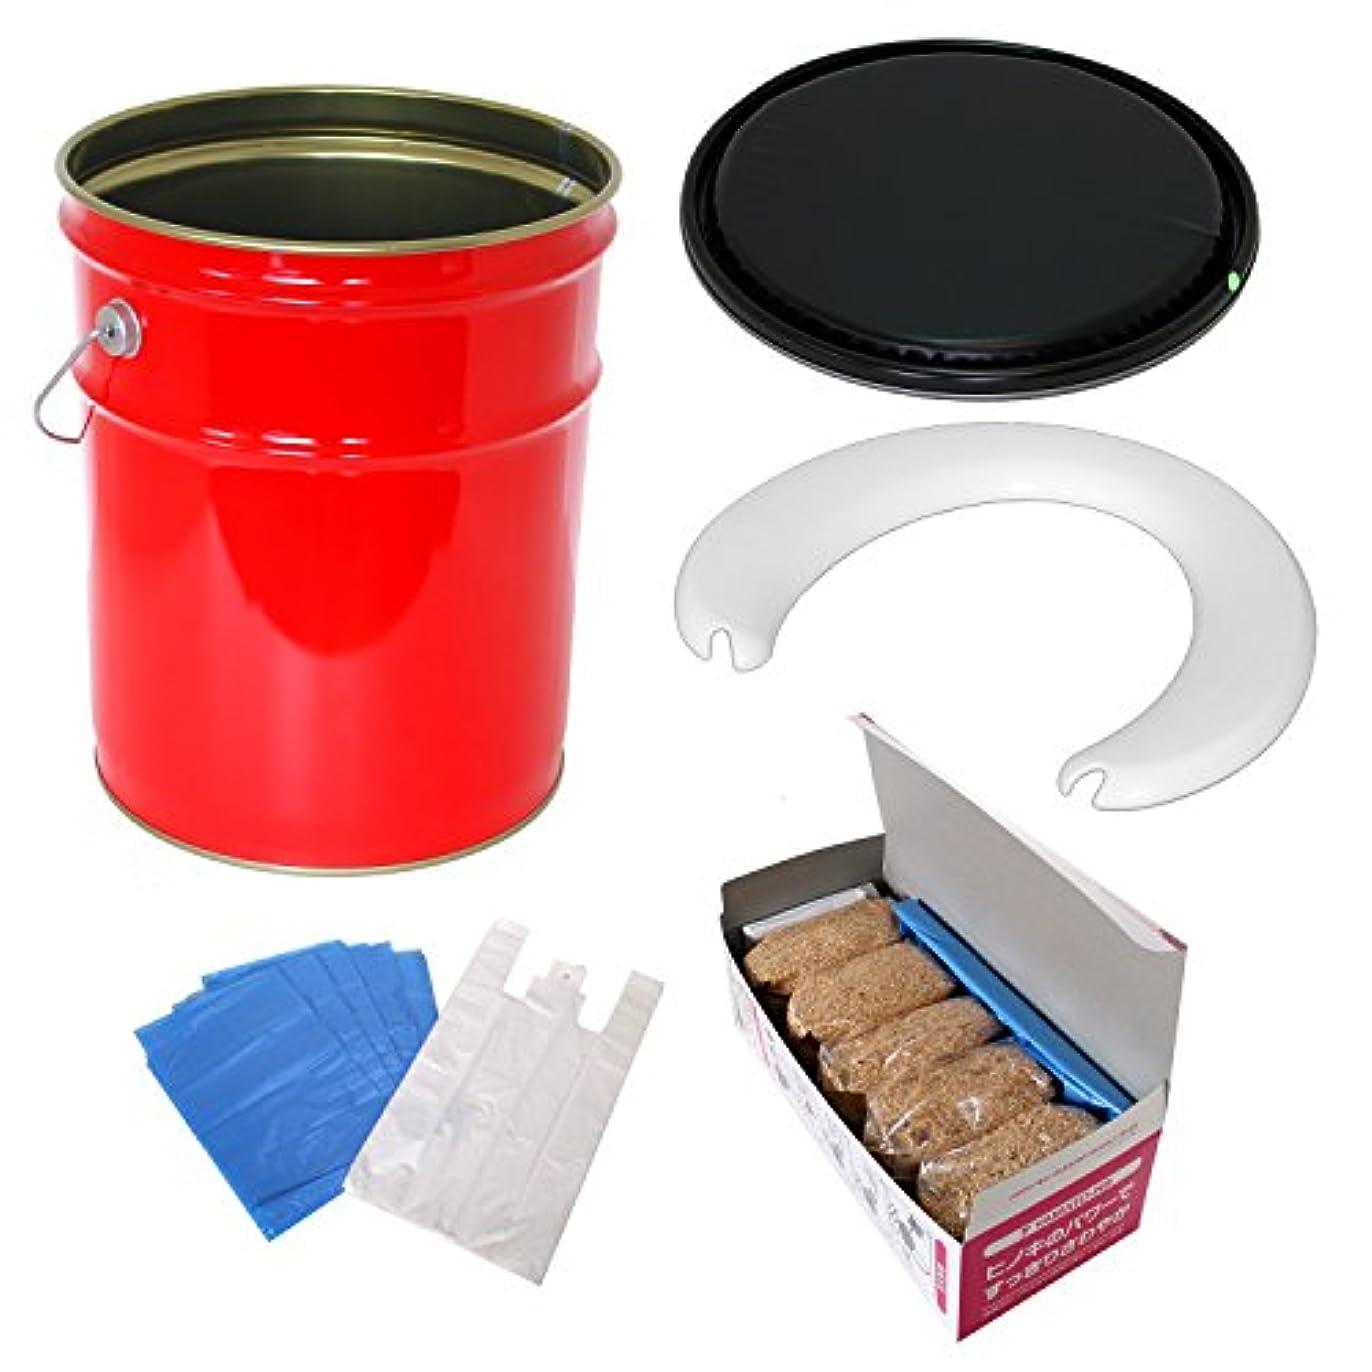 創造変動する終わり携帯洋式トイレ 金属製ペール缶(赤) UP21 20L